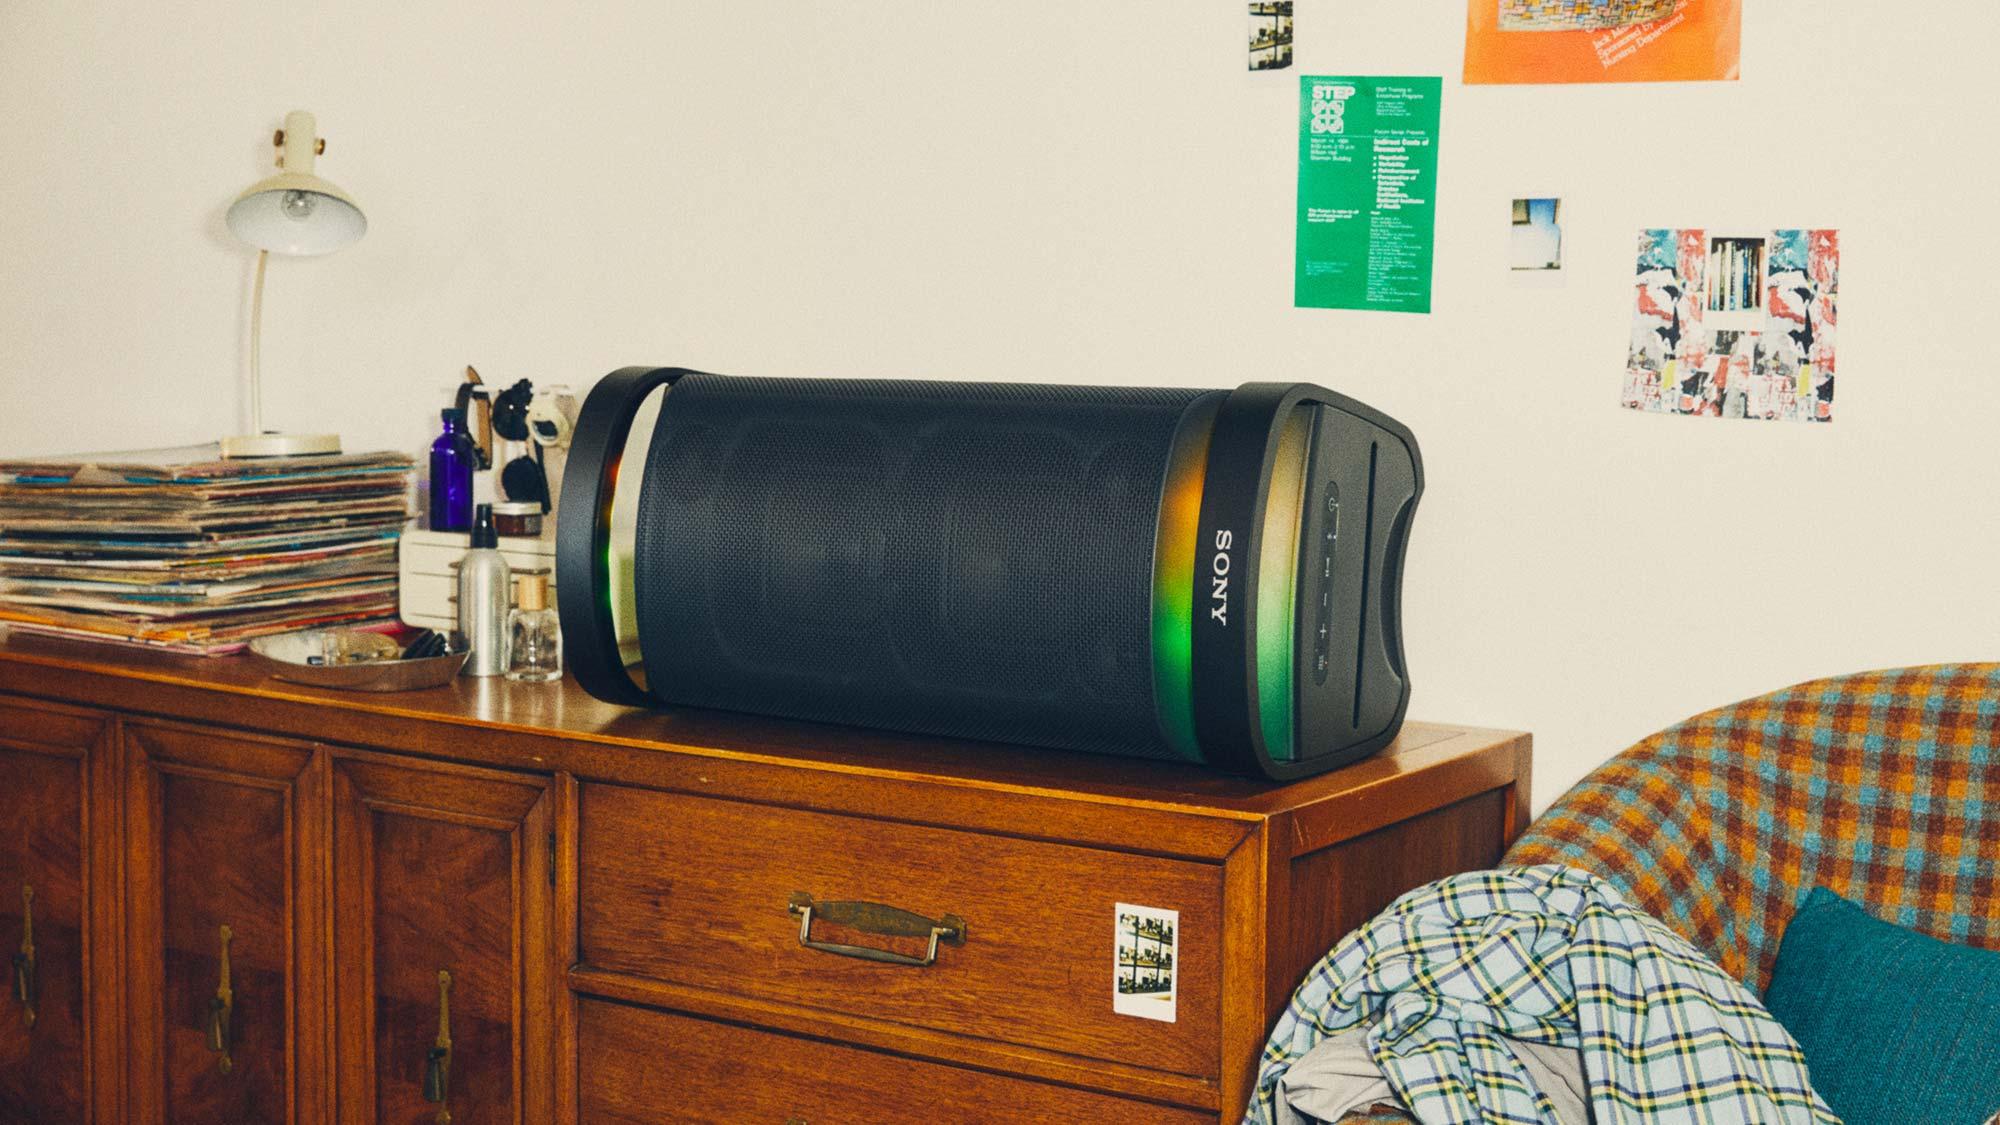 Sony SRS-XP700 Wireless Speaker